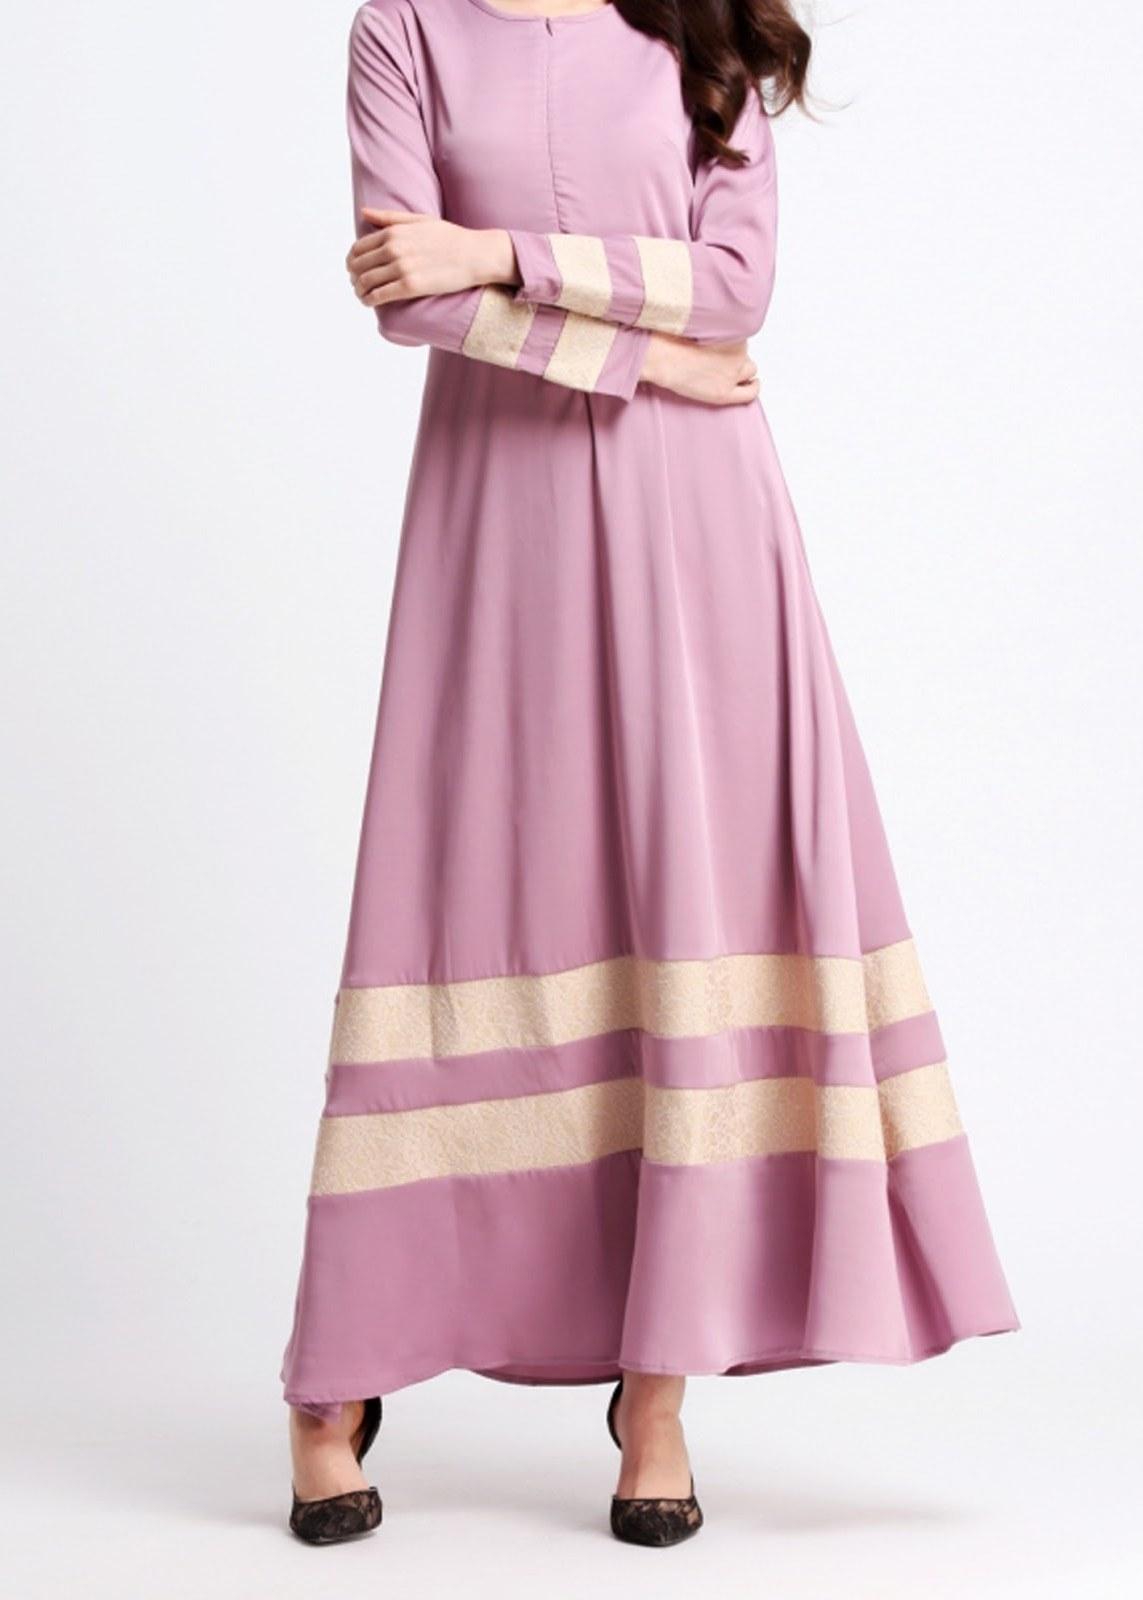 Ide Sewa Baju Pengantin Muslimah Syar'i S5d8 norzi Beautilicious House Nbh0491 Insyikah Jubah Nursing